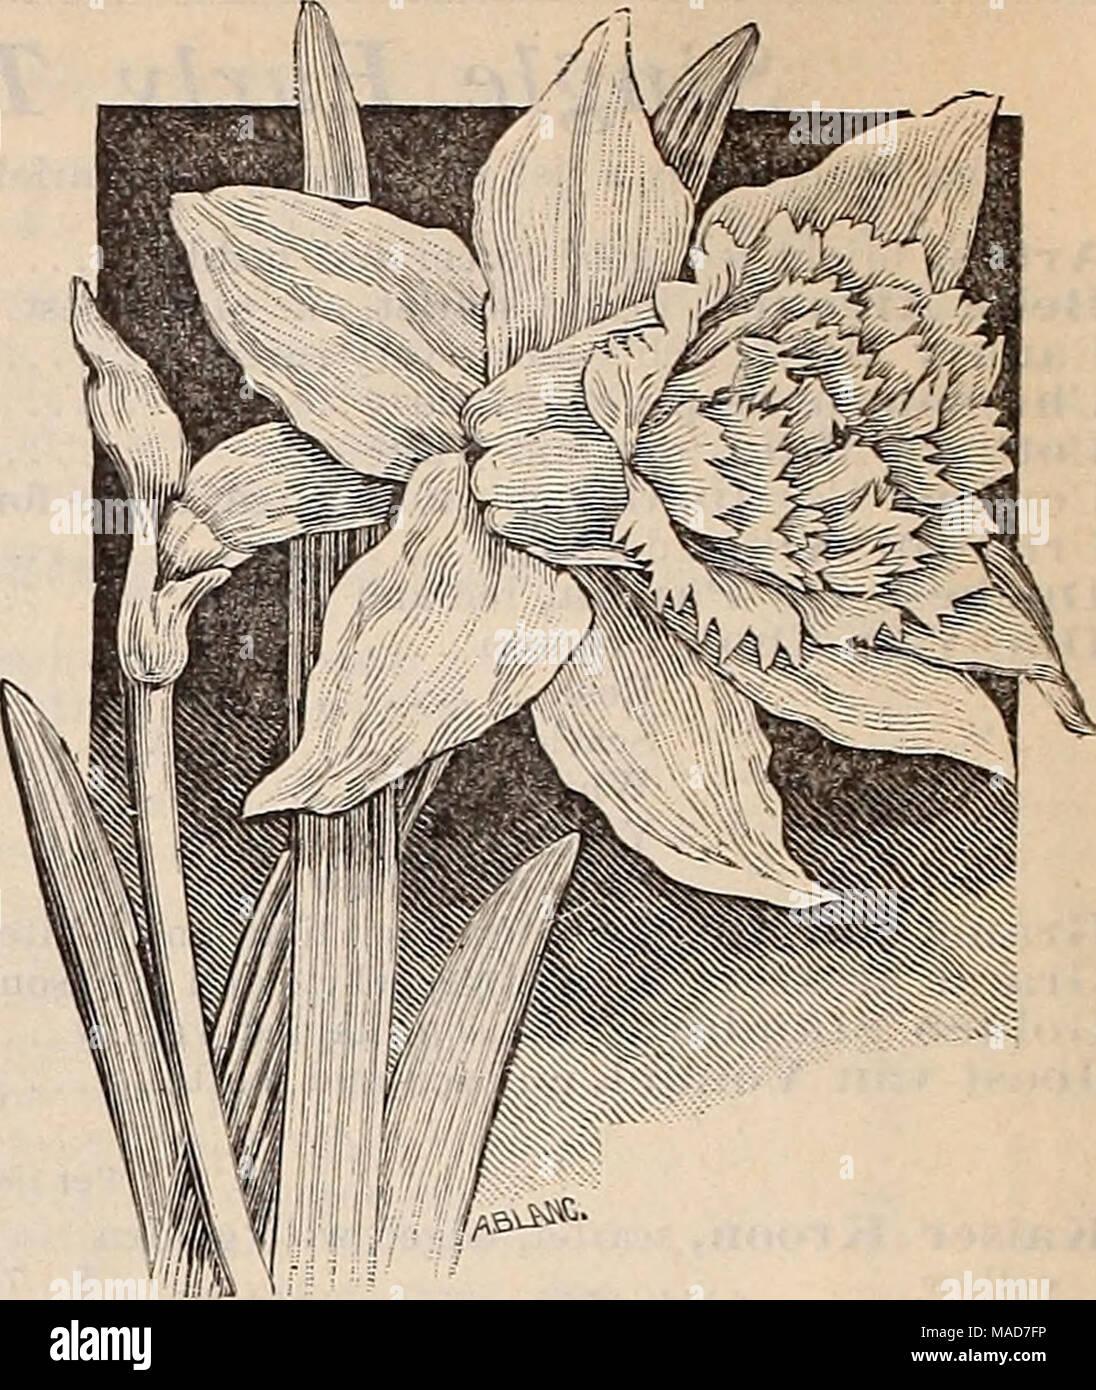 Dreers Quarterly Wholesale Price List Of Spring Flowering Bulbs